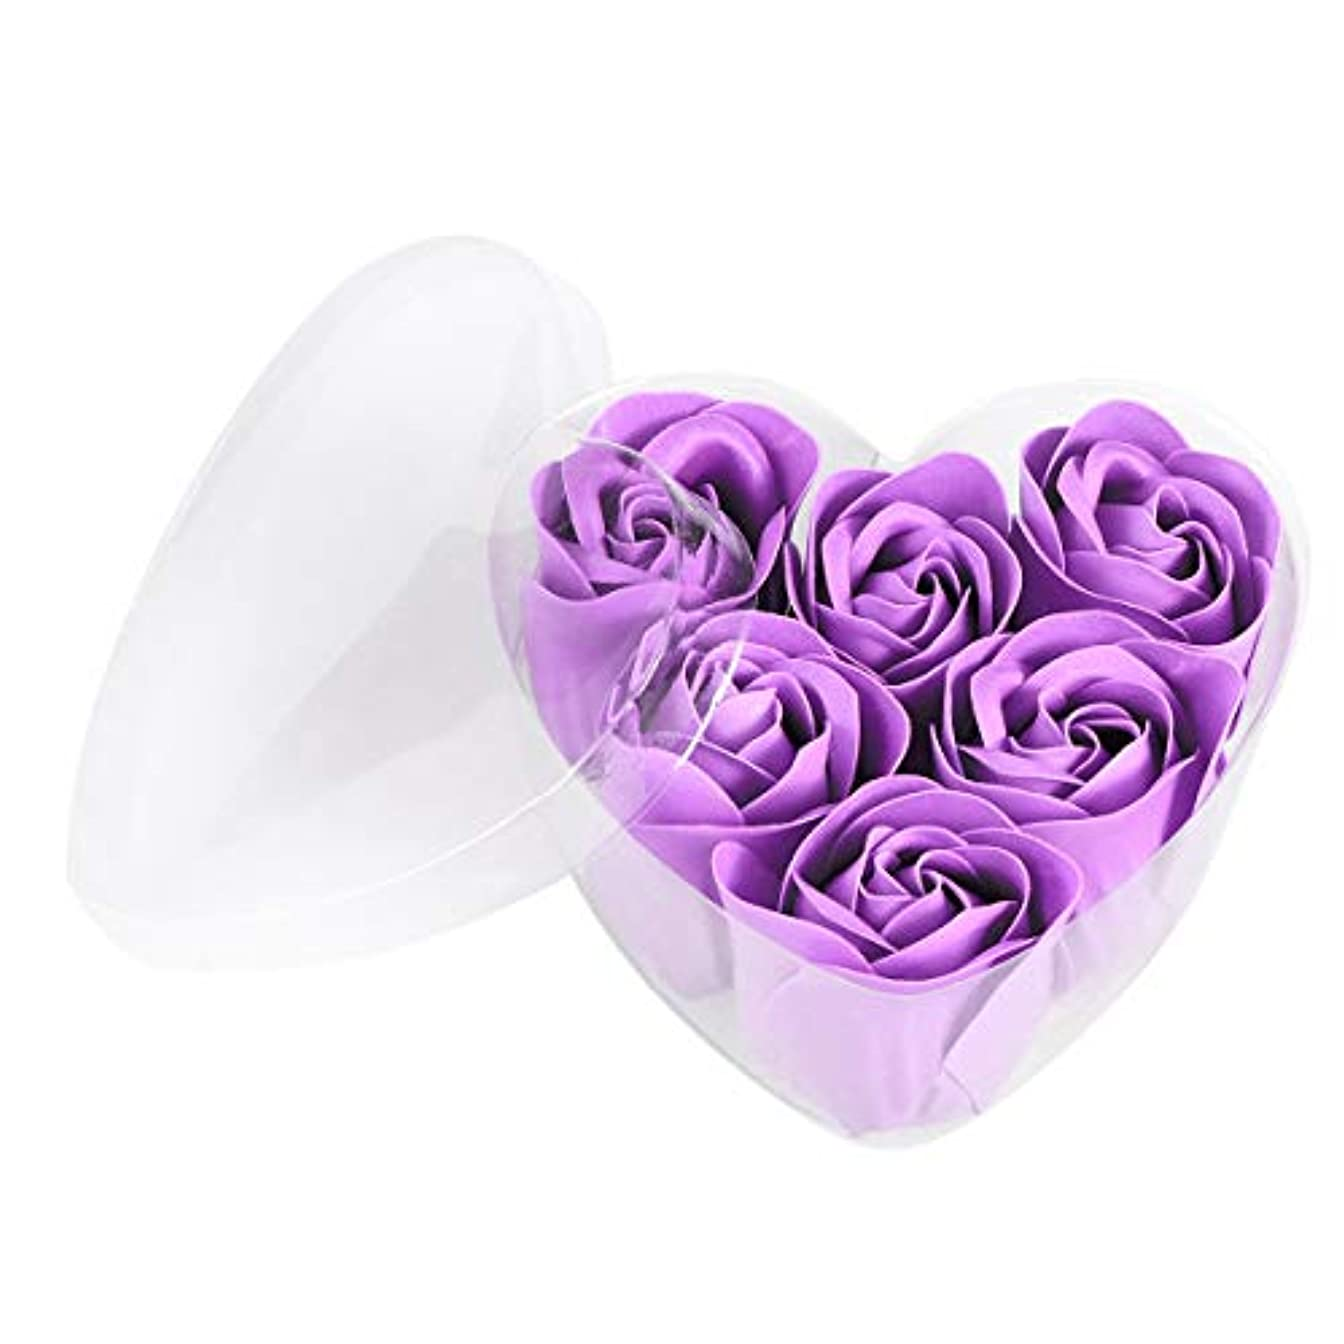 不誠実天国グループFRCOLOR 6ピースシミュレーションローズソープハート型フラワーソープギフトボックス用誕生日Valentin's Day(紫)